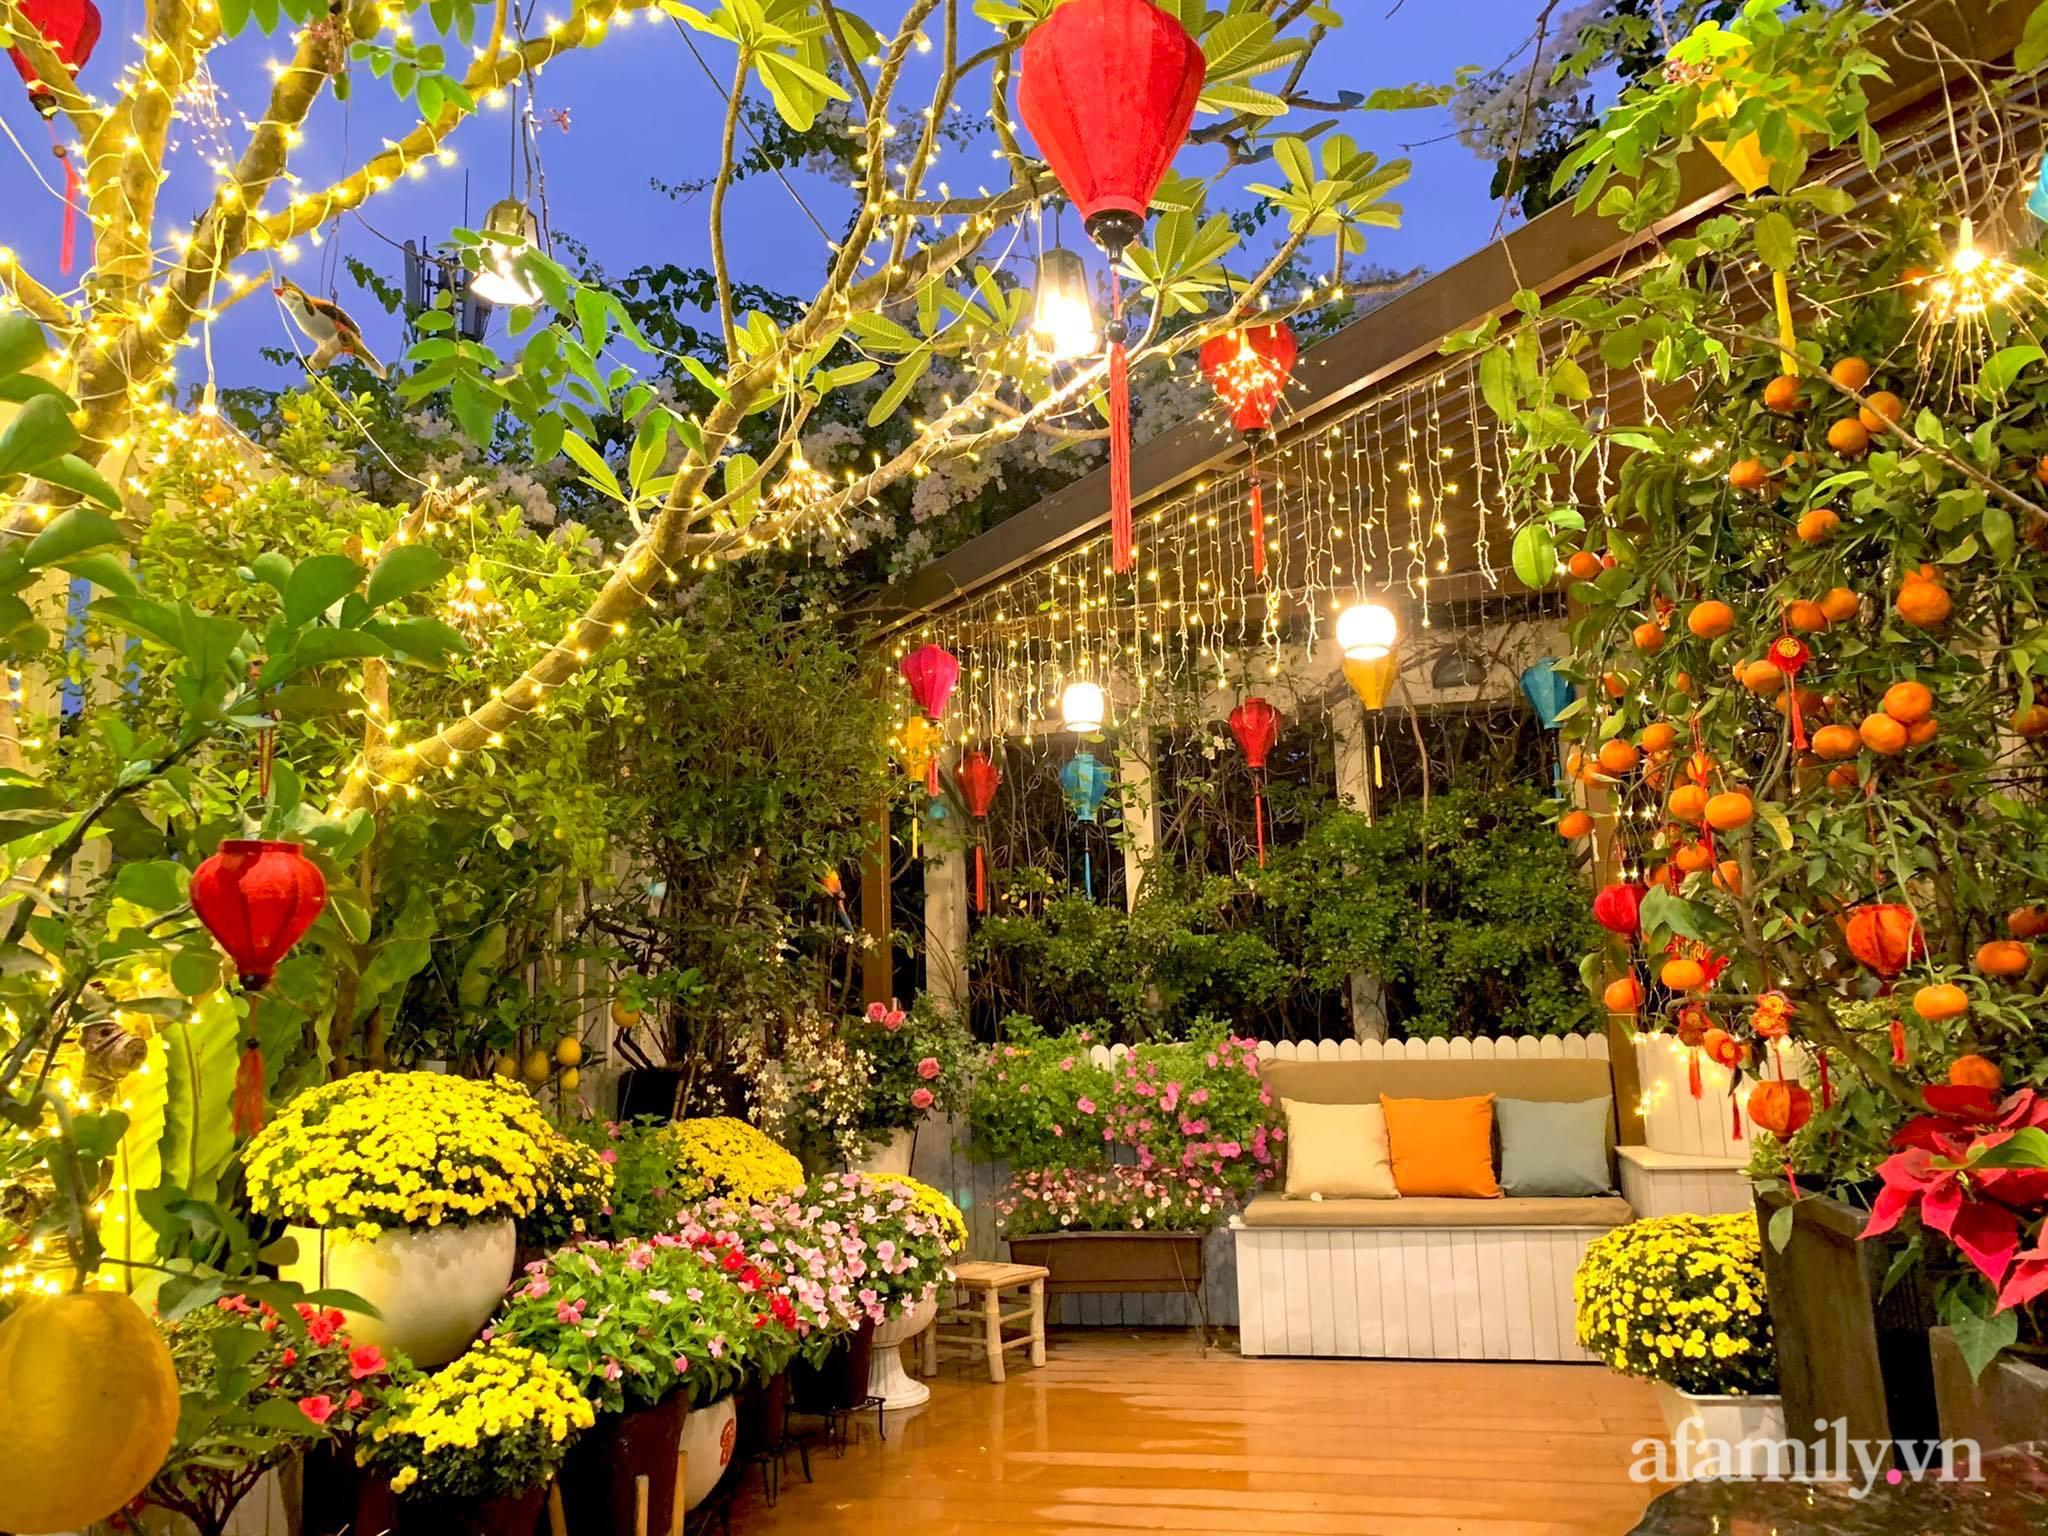 Mùng 1 đầu năm cùng ghé thăm sân thượng mang sắc màu Tết truyền thống của mẹ đảm ở Sài Gòn-3